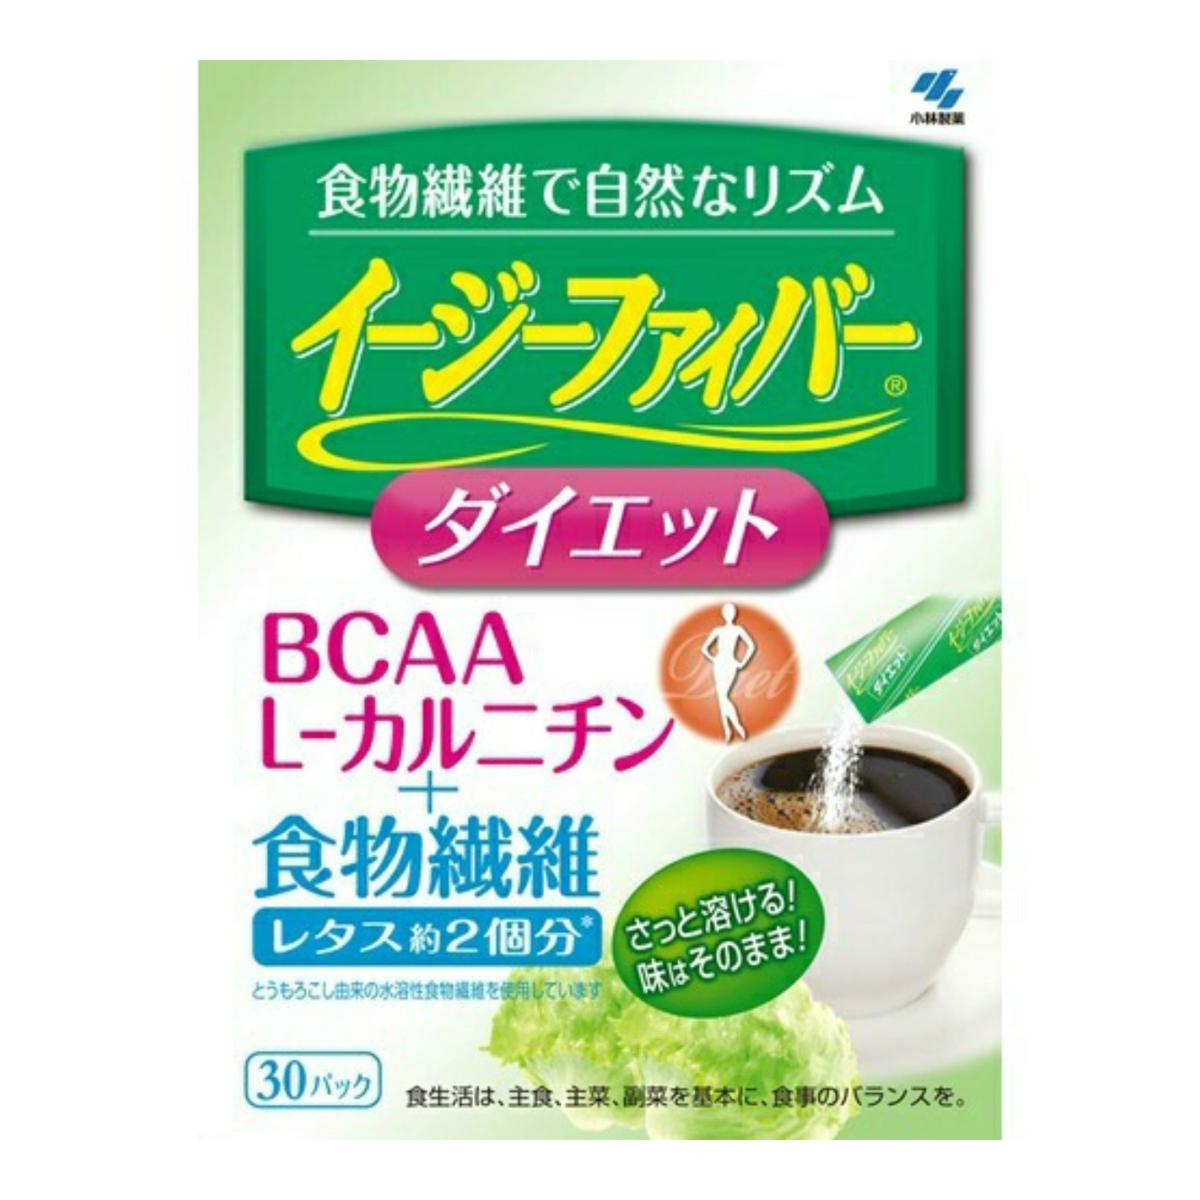 【まとめ買い×5】小林製薬 イージーファイバー ダイエット 30包